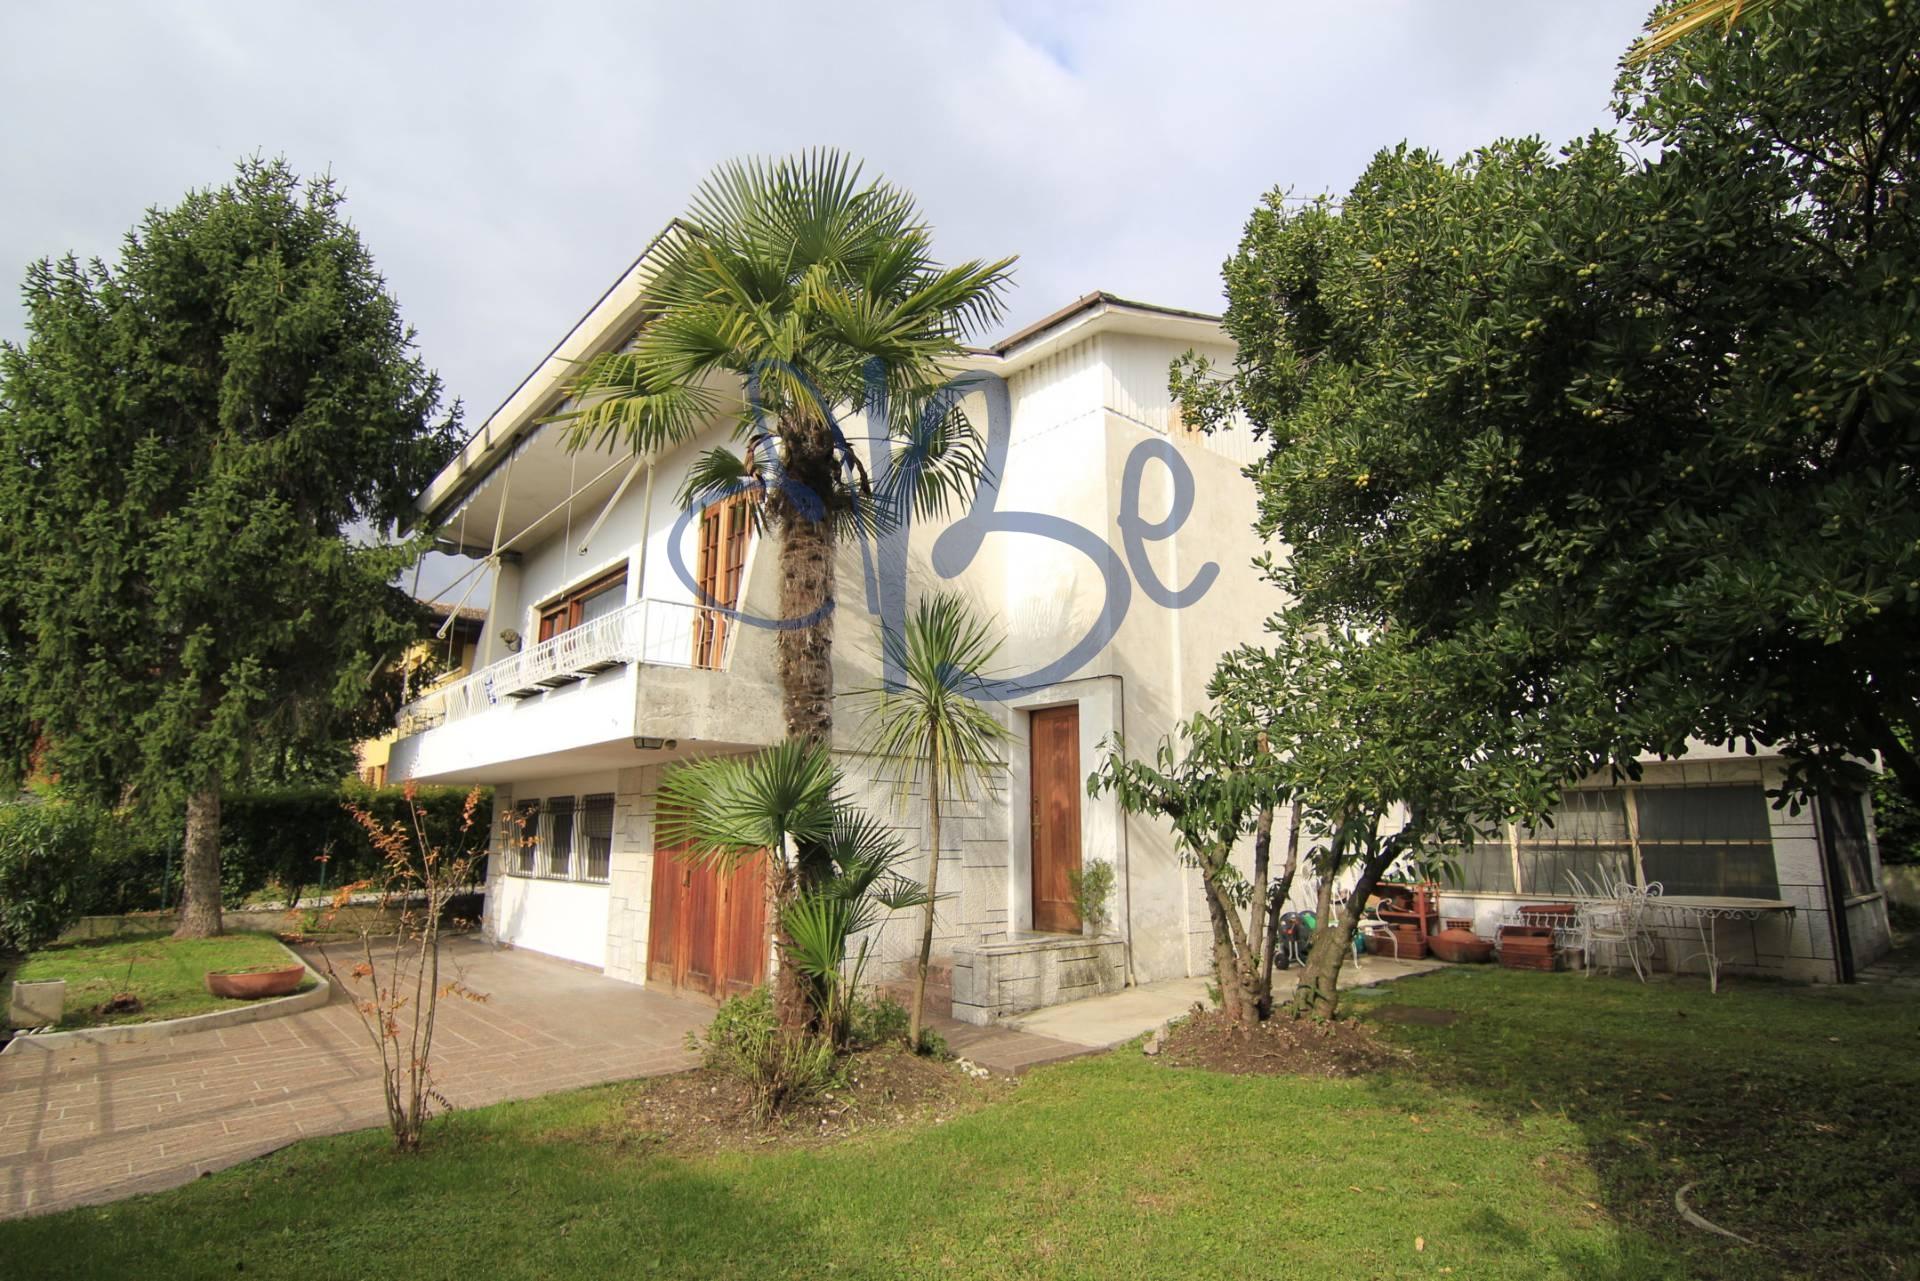 Villa in vendita a Salò, 4 locali, zona Località: Salò, prezzo € 360.000   Cambio Casa.it